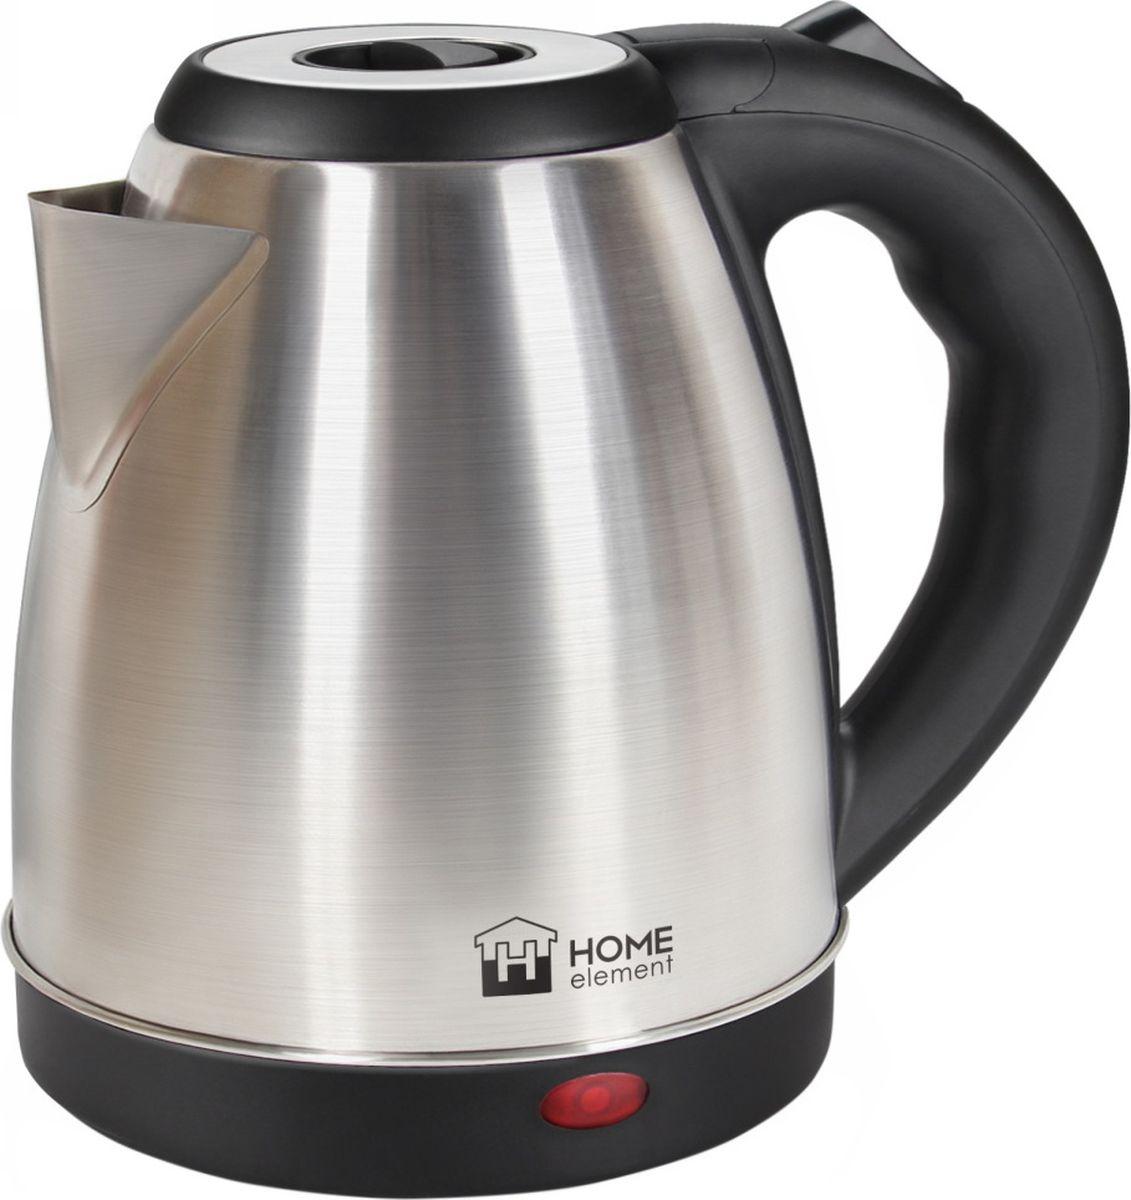 Home Element HE-KT176, Black Steel чайник электрическийHE-KT176Home Element HE-KT176 - отличный чайник на 1,7 литра для большой семьи, мощностью 1800 Вт. Вскипятит воду быстро. Автоматика отключит чайник, если в нем нет воды или она вскипела! Для удобства пользования чайник снабжен индикатором работы и кнопкой открытия крышки. Закрытый нагревательный элемент избавит от коррозии и накипи.